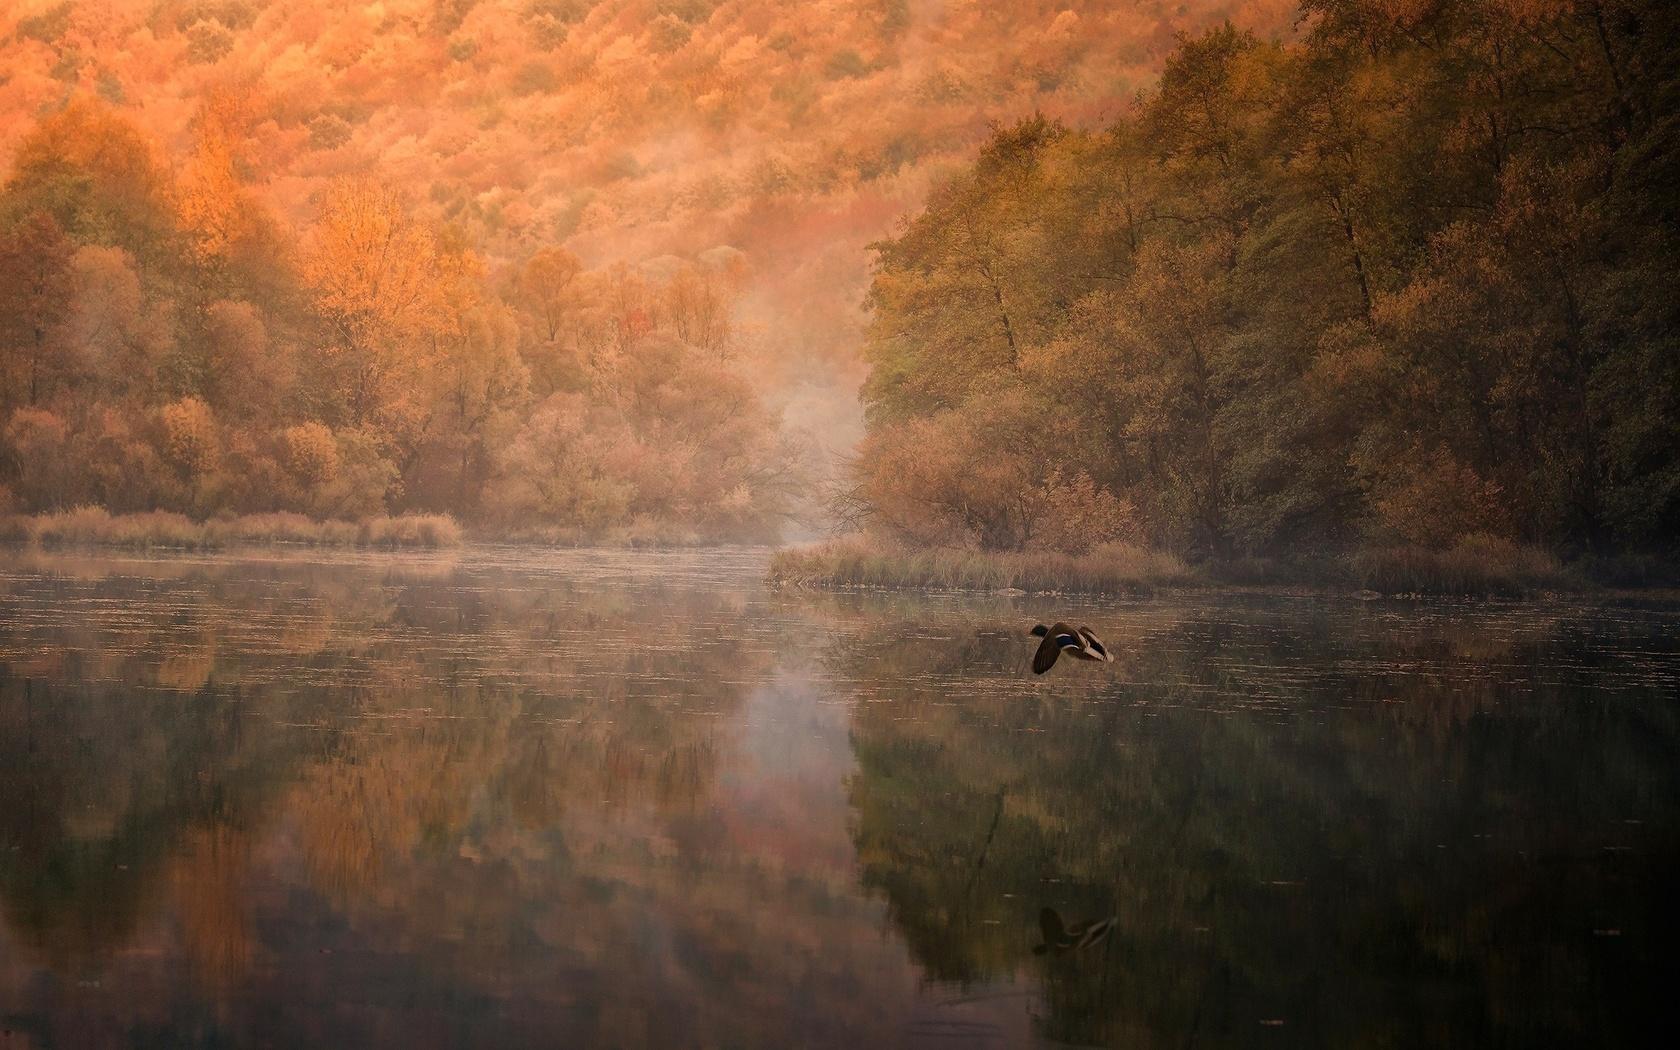 озеро, деревья, природа, утка, летит, осень